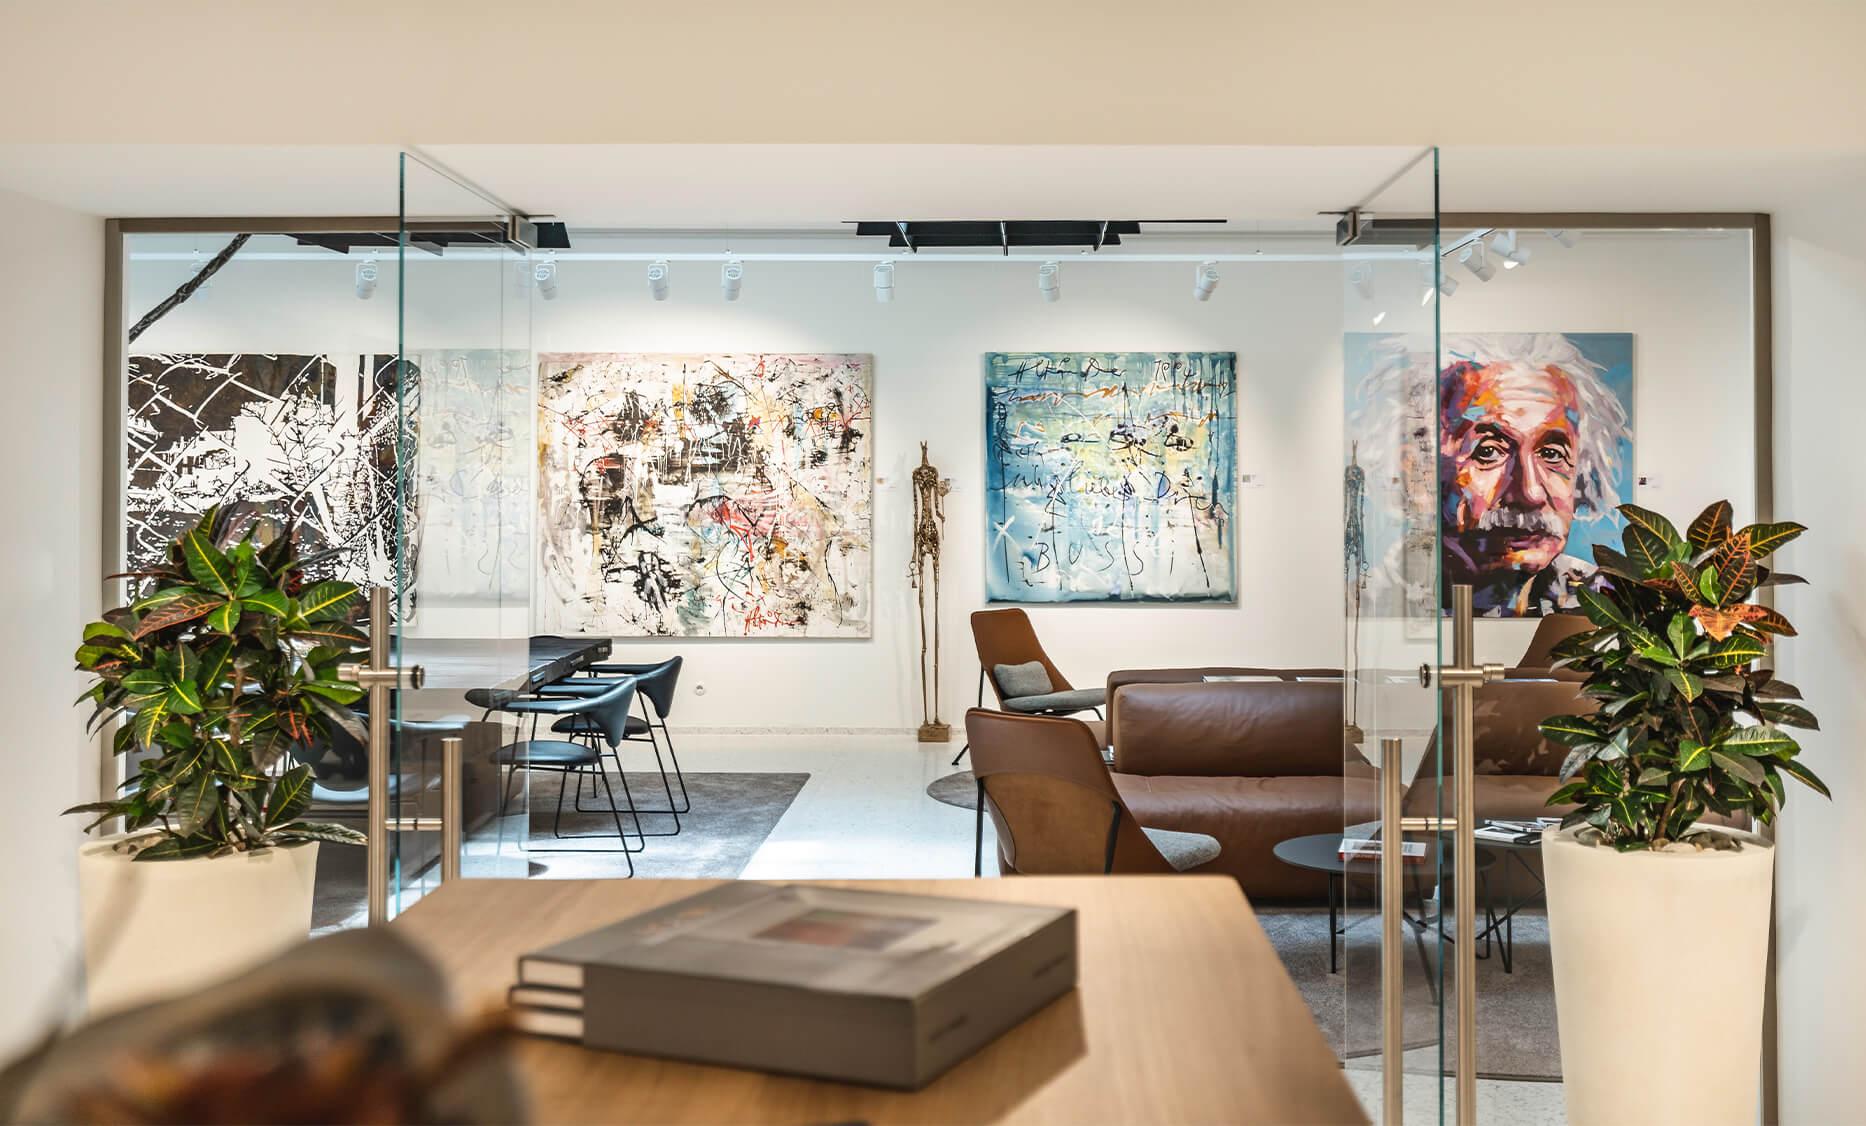 Lounge und Konferenzraum, Interior Design von der id Werkstatt, Sattelbraune Leder Sofas mittig platziert, rundherum Kunstvolle Bilder von verschiedenen Künstlern, Pflanzen, Akustikpanele und Teppich verleihen eine gemütliche Atmosphäre